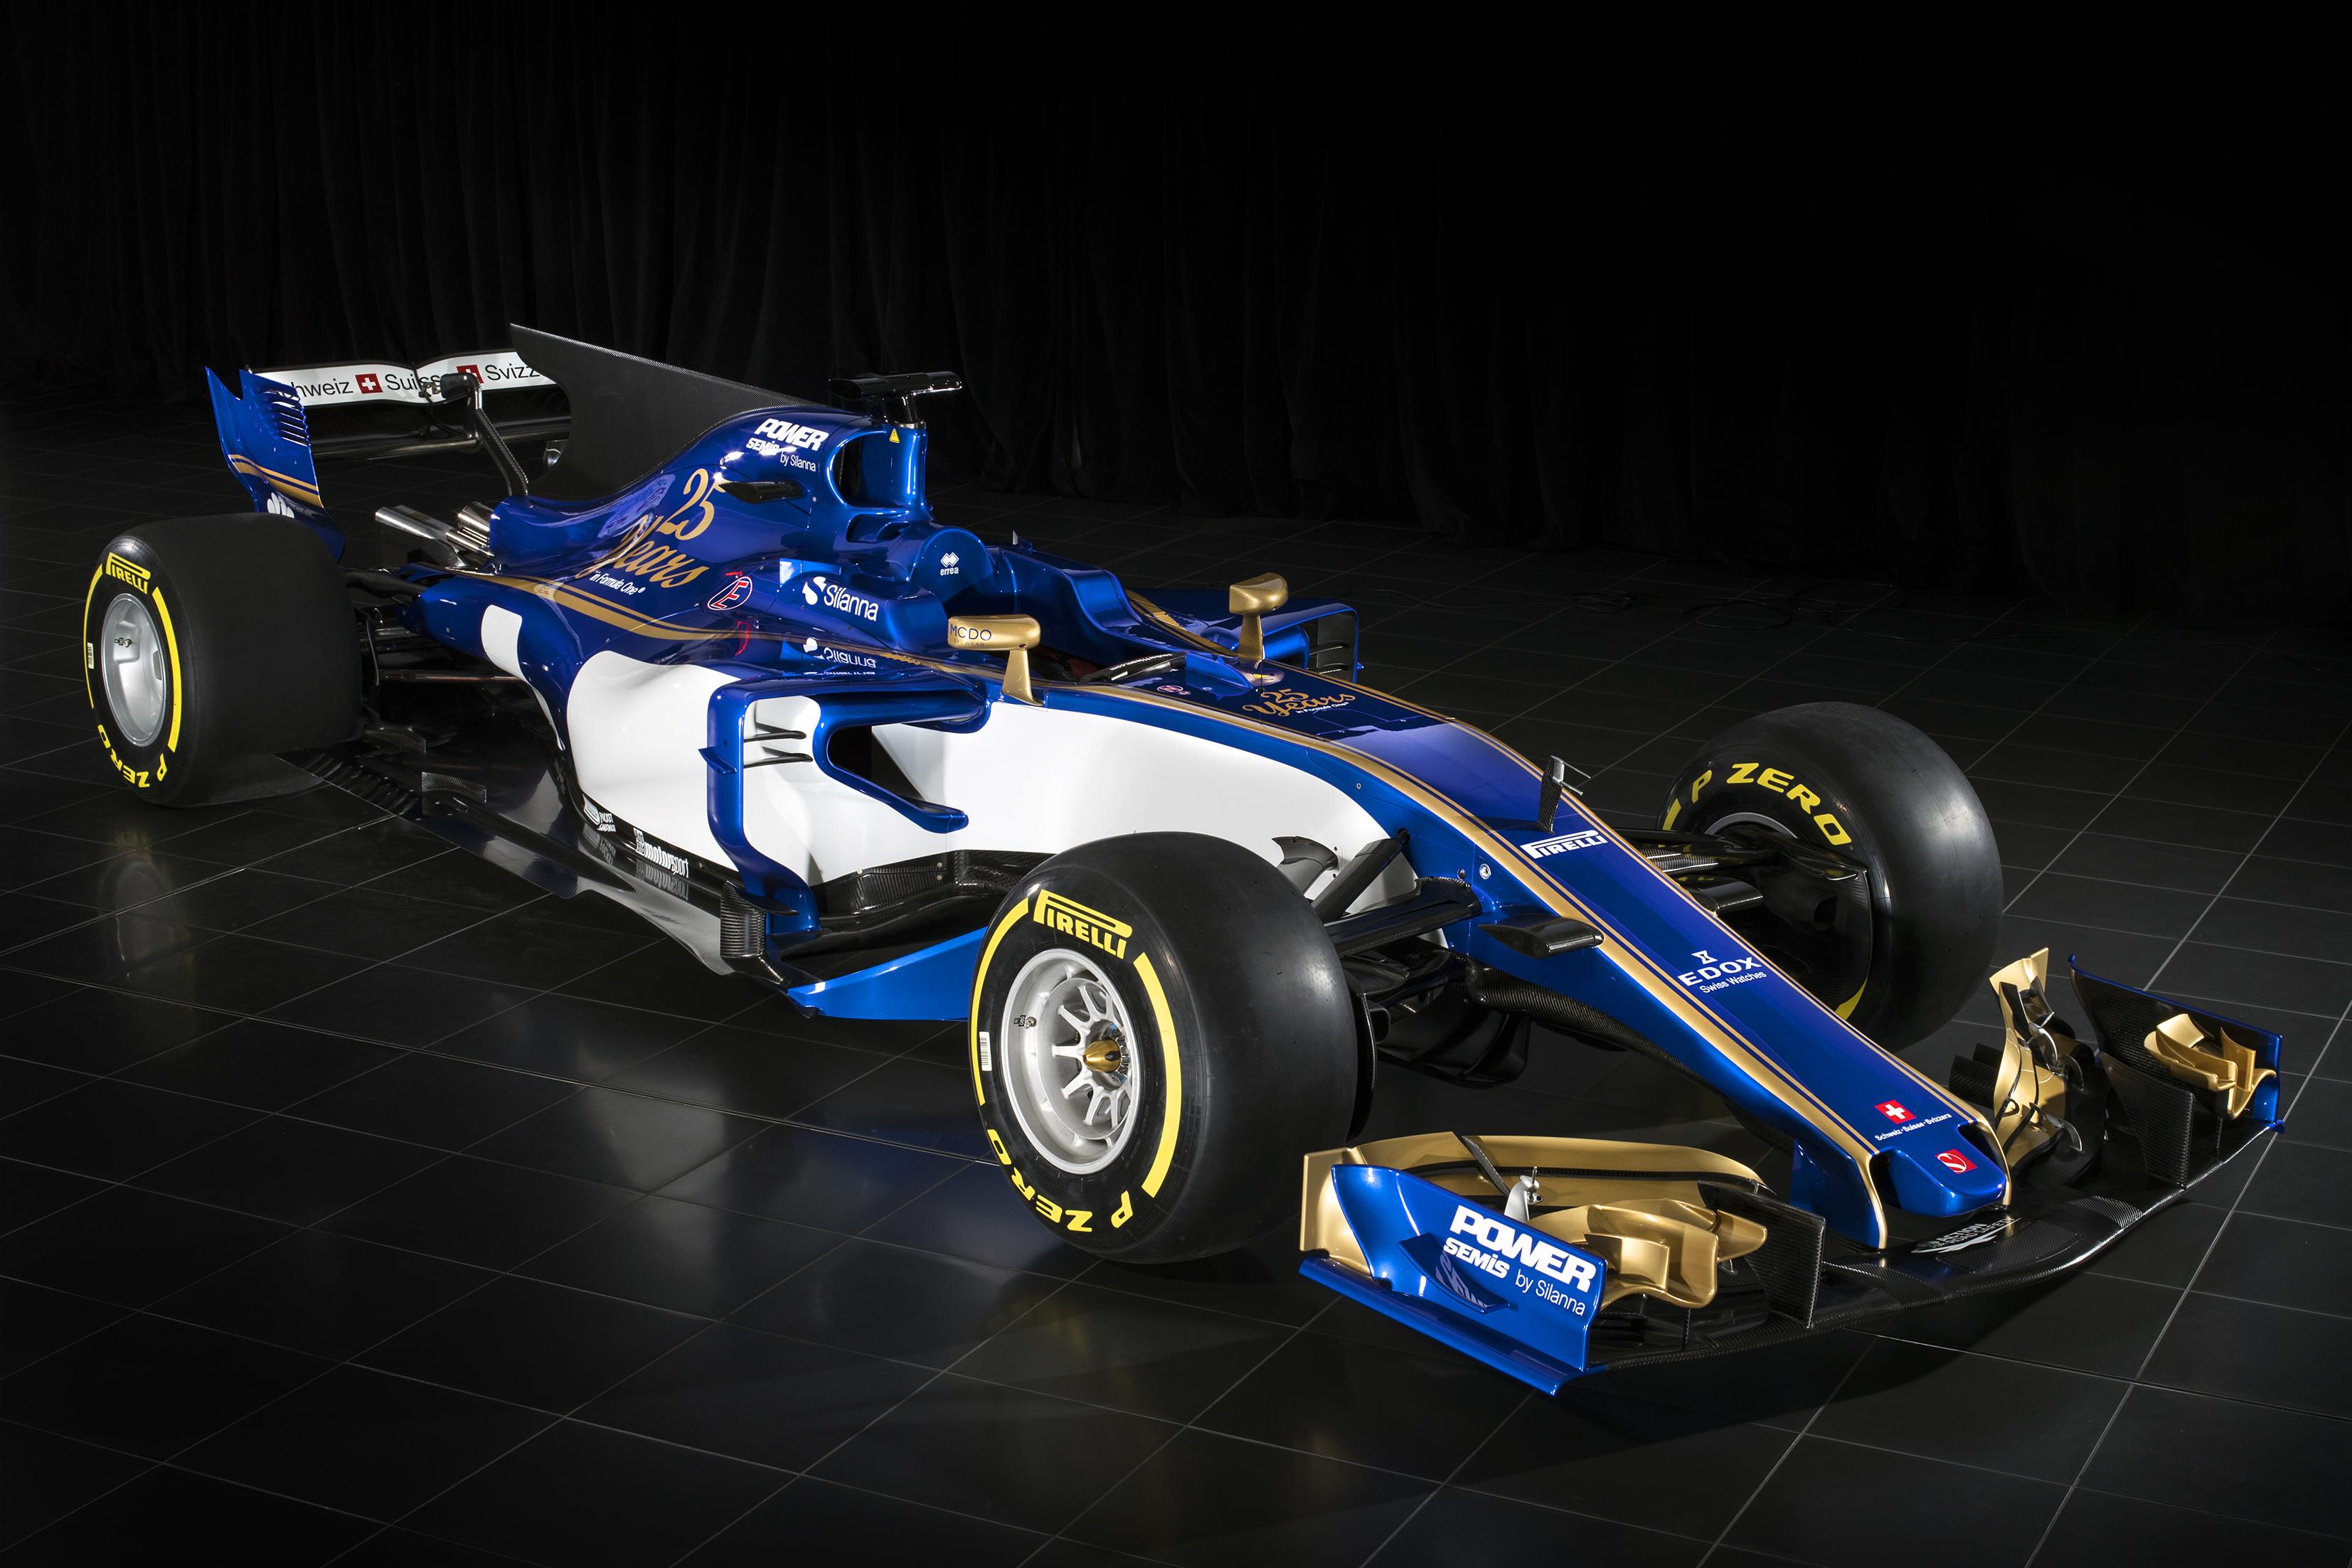 Csapat: Sauber F1 Team<br />Autó: C36<br />Motor: Ferrari<br /><br />Versenyzők: Marcus Ericsson (#9), Pascal Wehrlein (#94), Antonio Giovinazzi (#36)<br />2016-os helyezés a konstruktőri pontversenyben: 10. (2 pont)